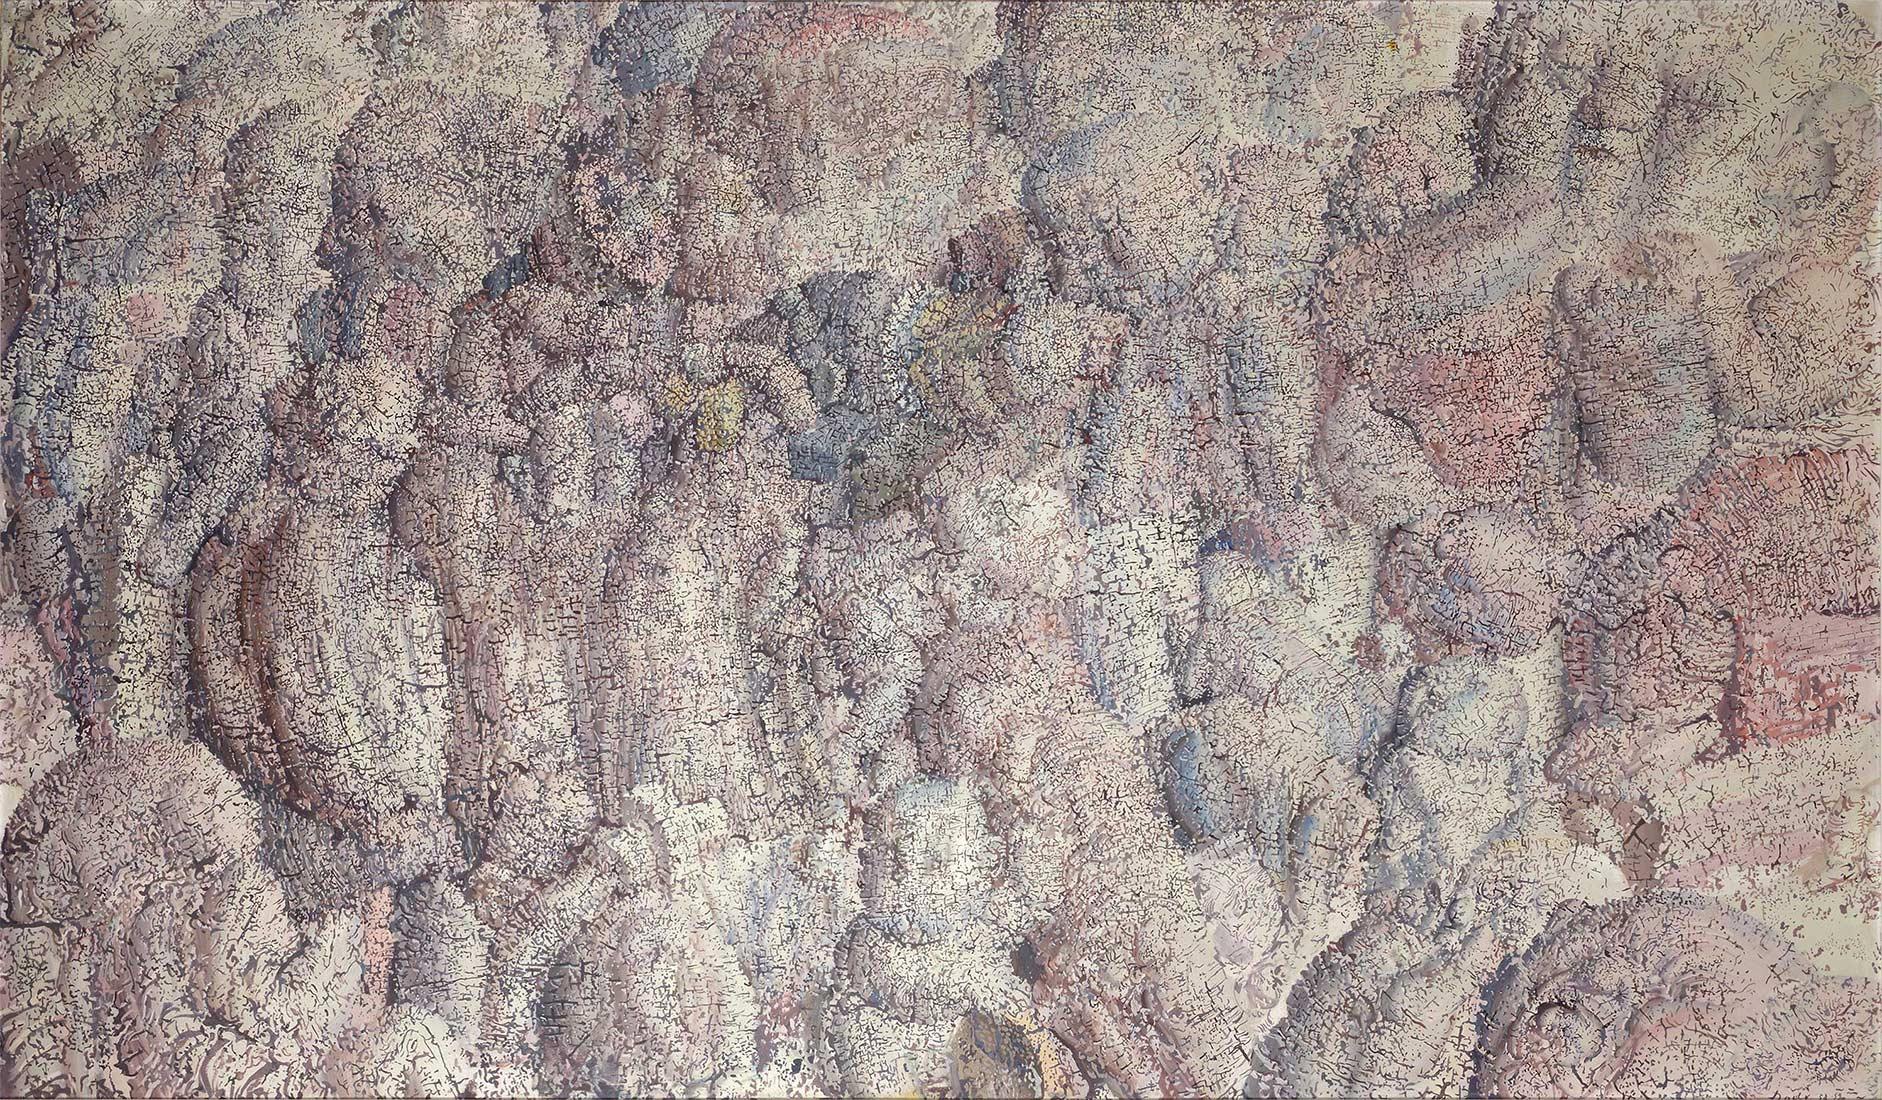 Dado: Untitled, 1958-1959